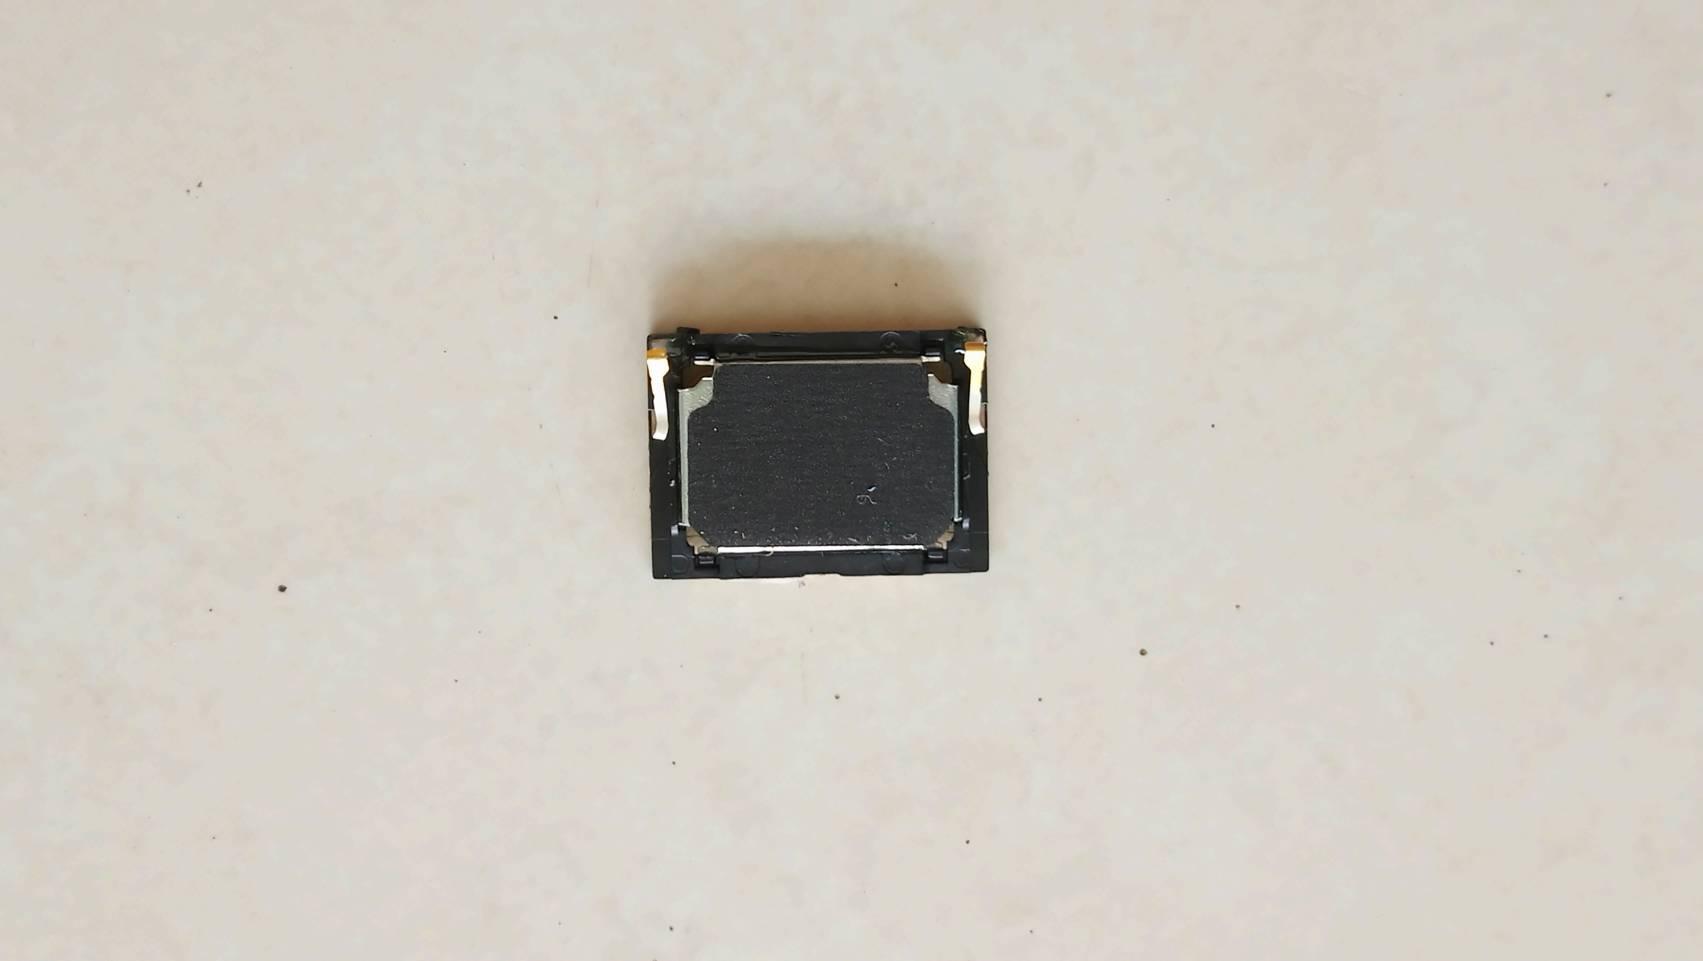 ลำโพงหลัง Sony xperia z ultra C6802 C6833 มือสอง